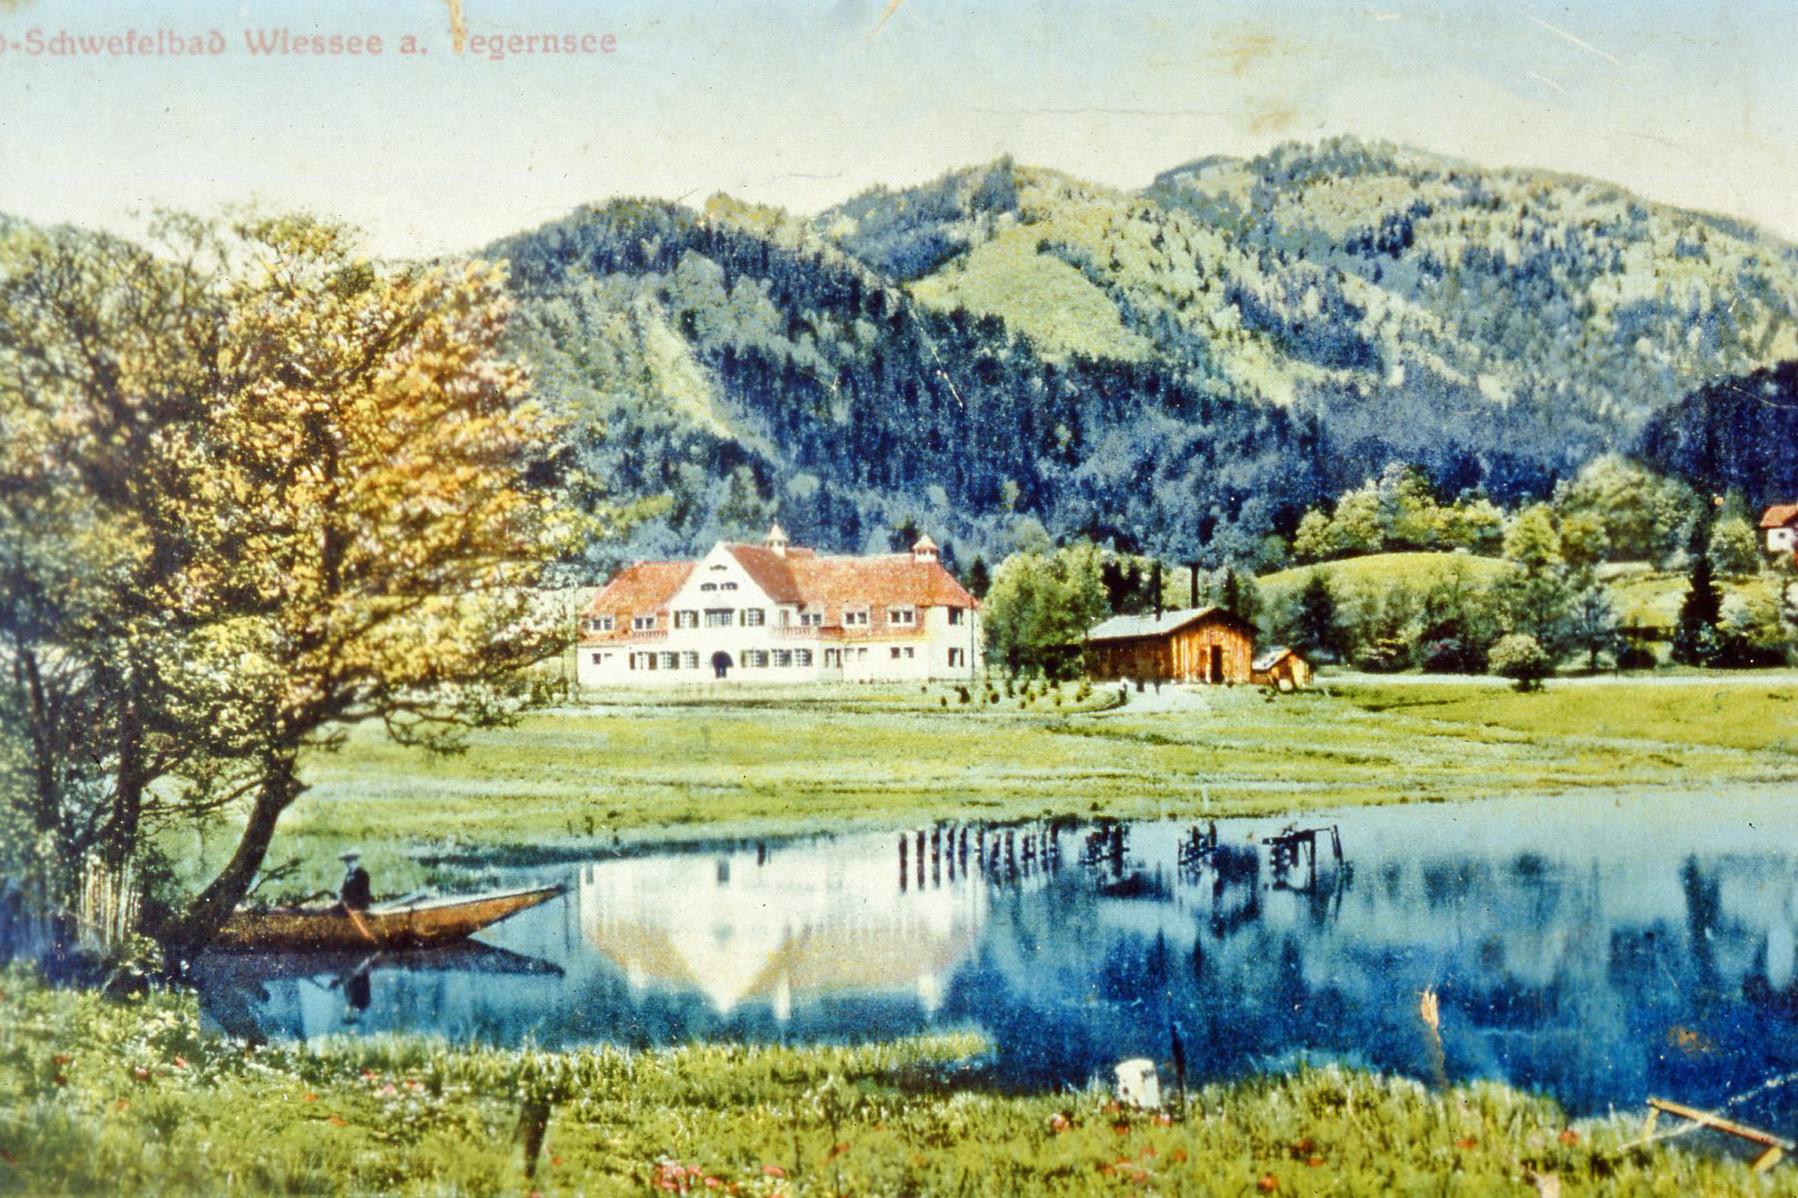 Schwefelwasser brachte Bad Wiessee Aufschwung - das Jod-Schwwfelbad auf einer historischen Postkarte zeigt ein Idyll